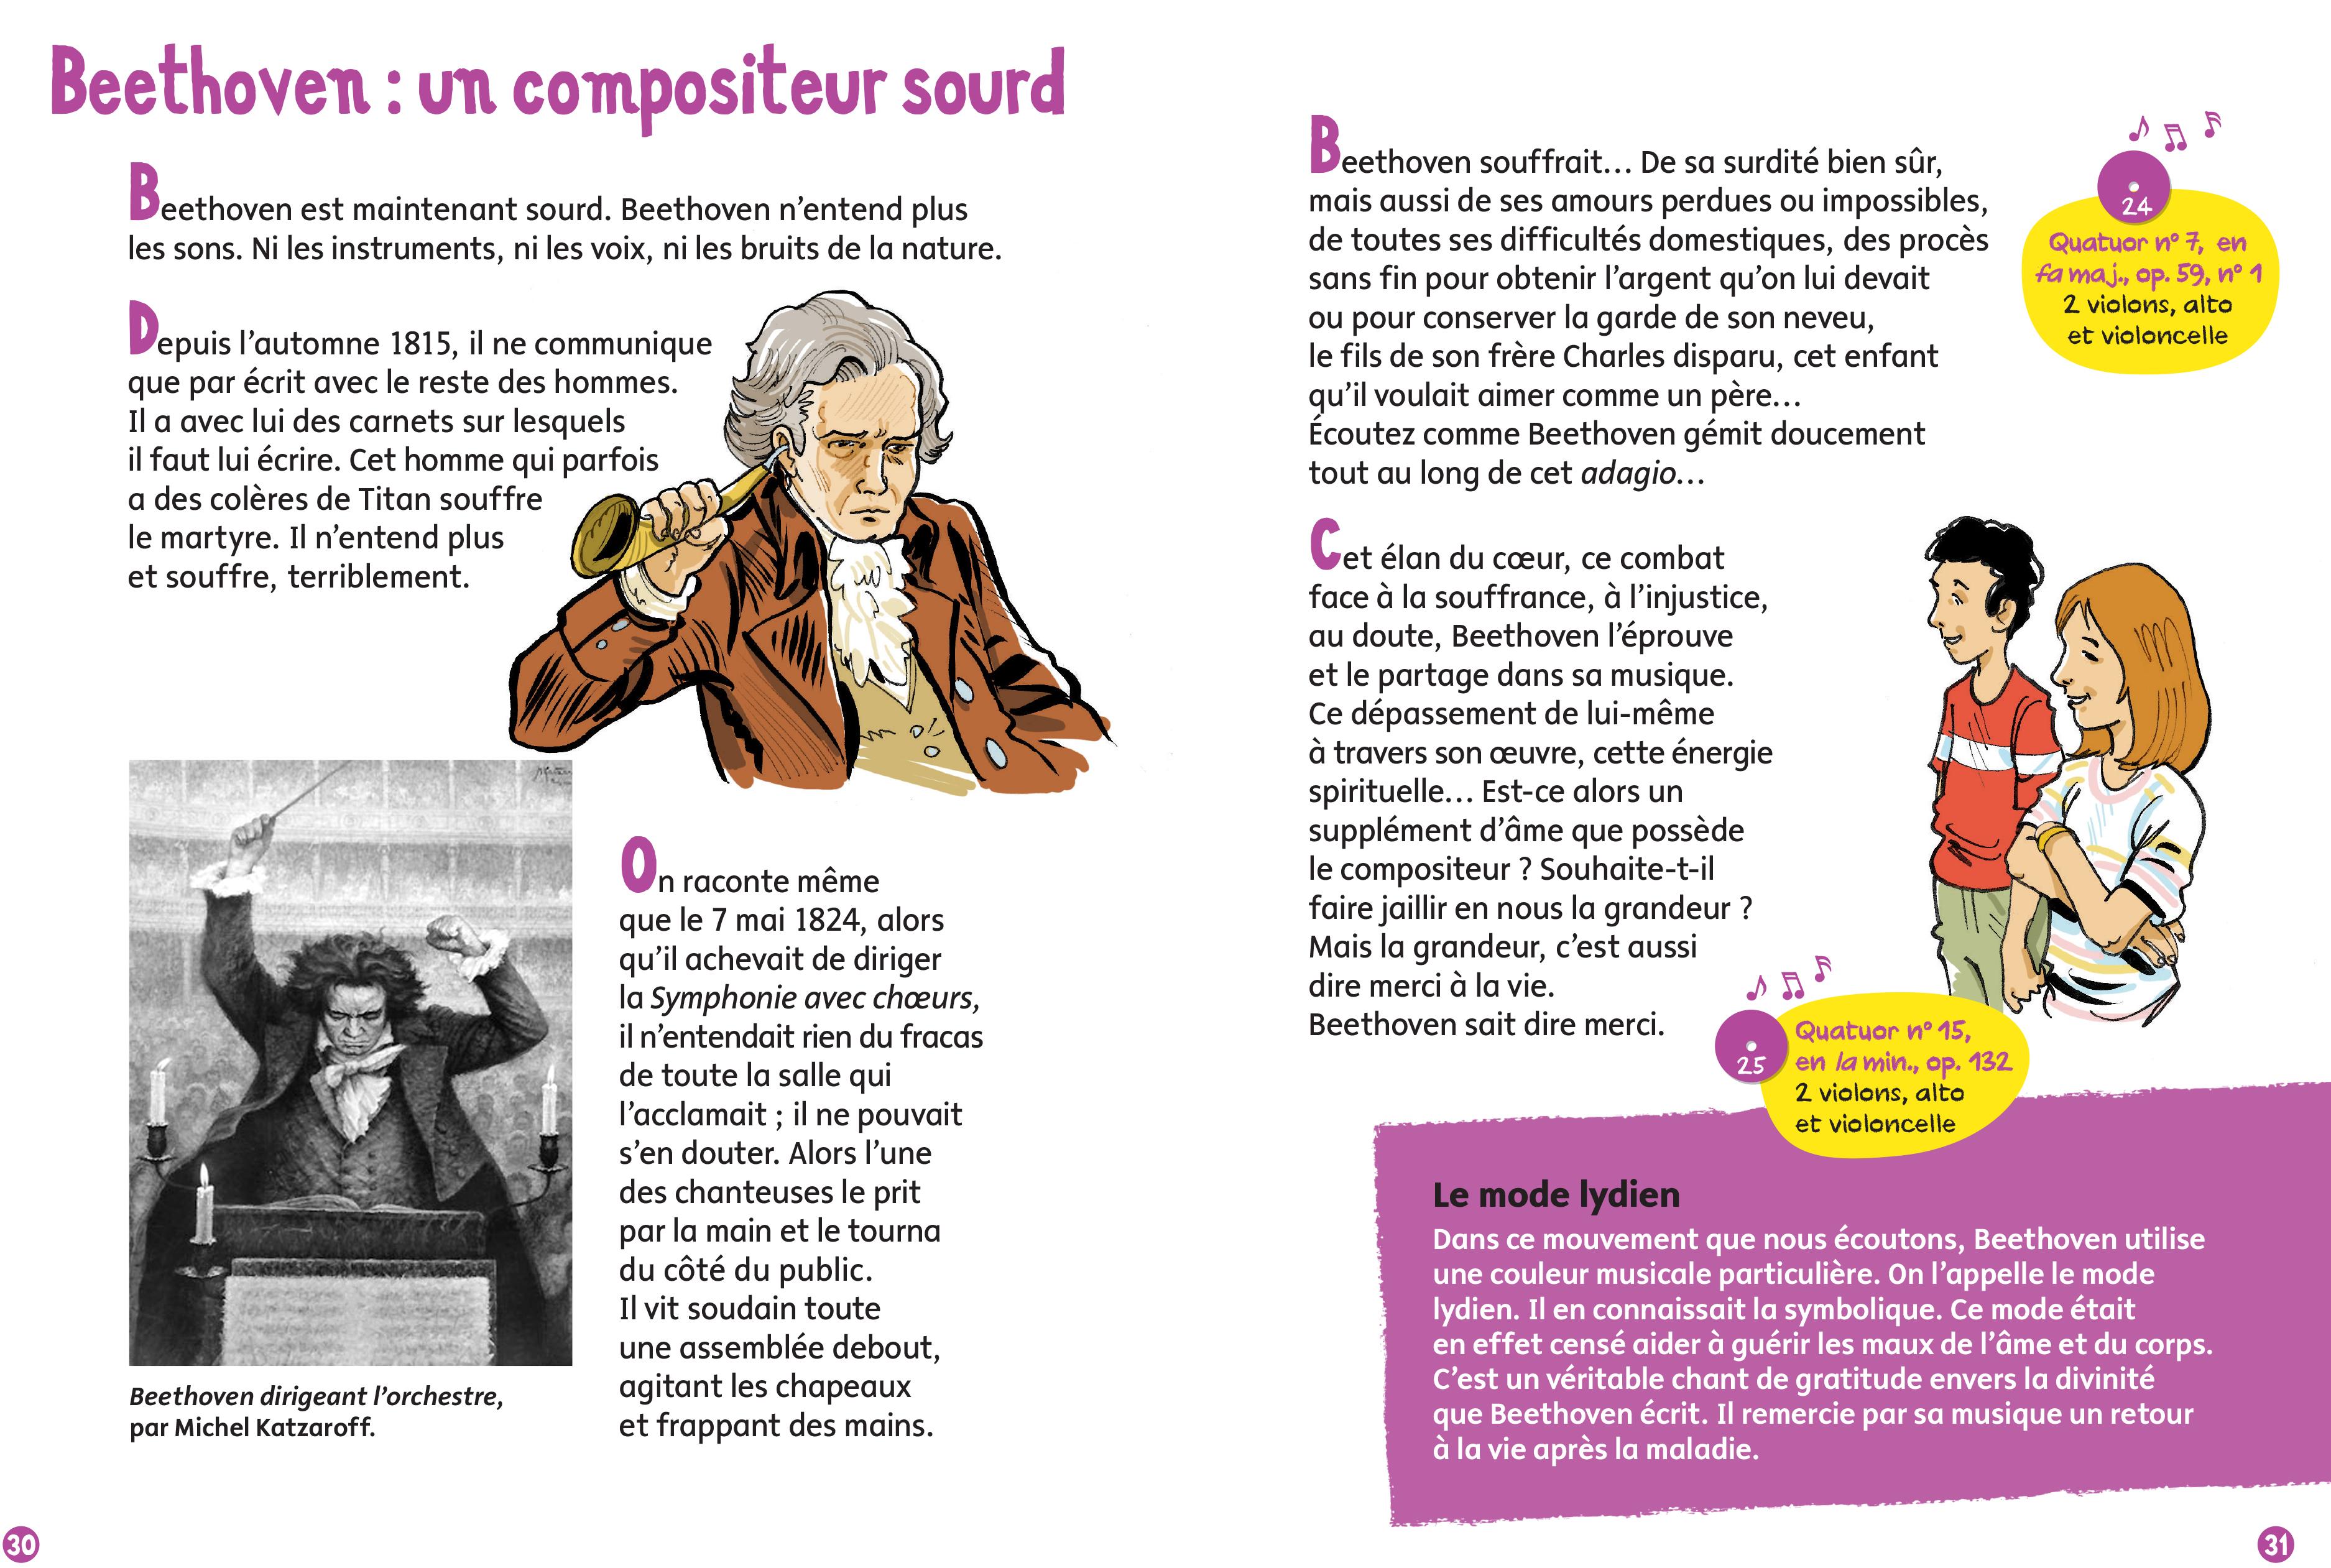 Beethoven - Aperçu - Un compositeur sourd